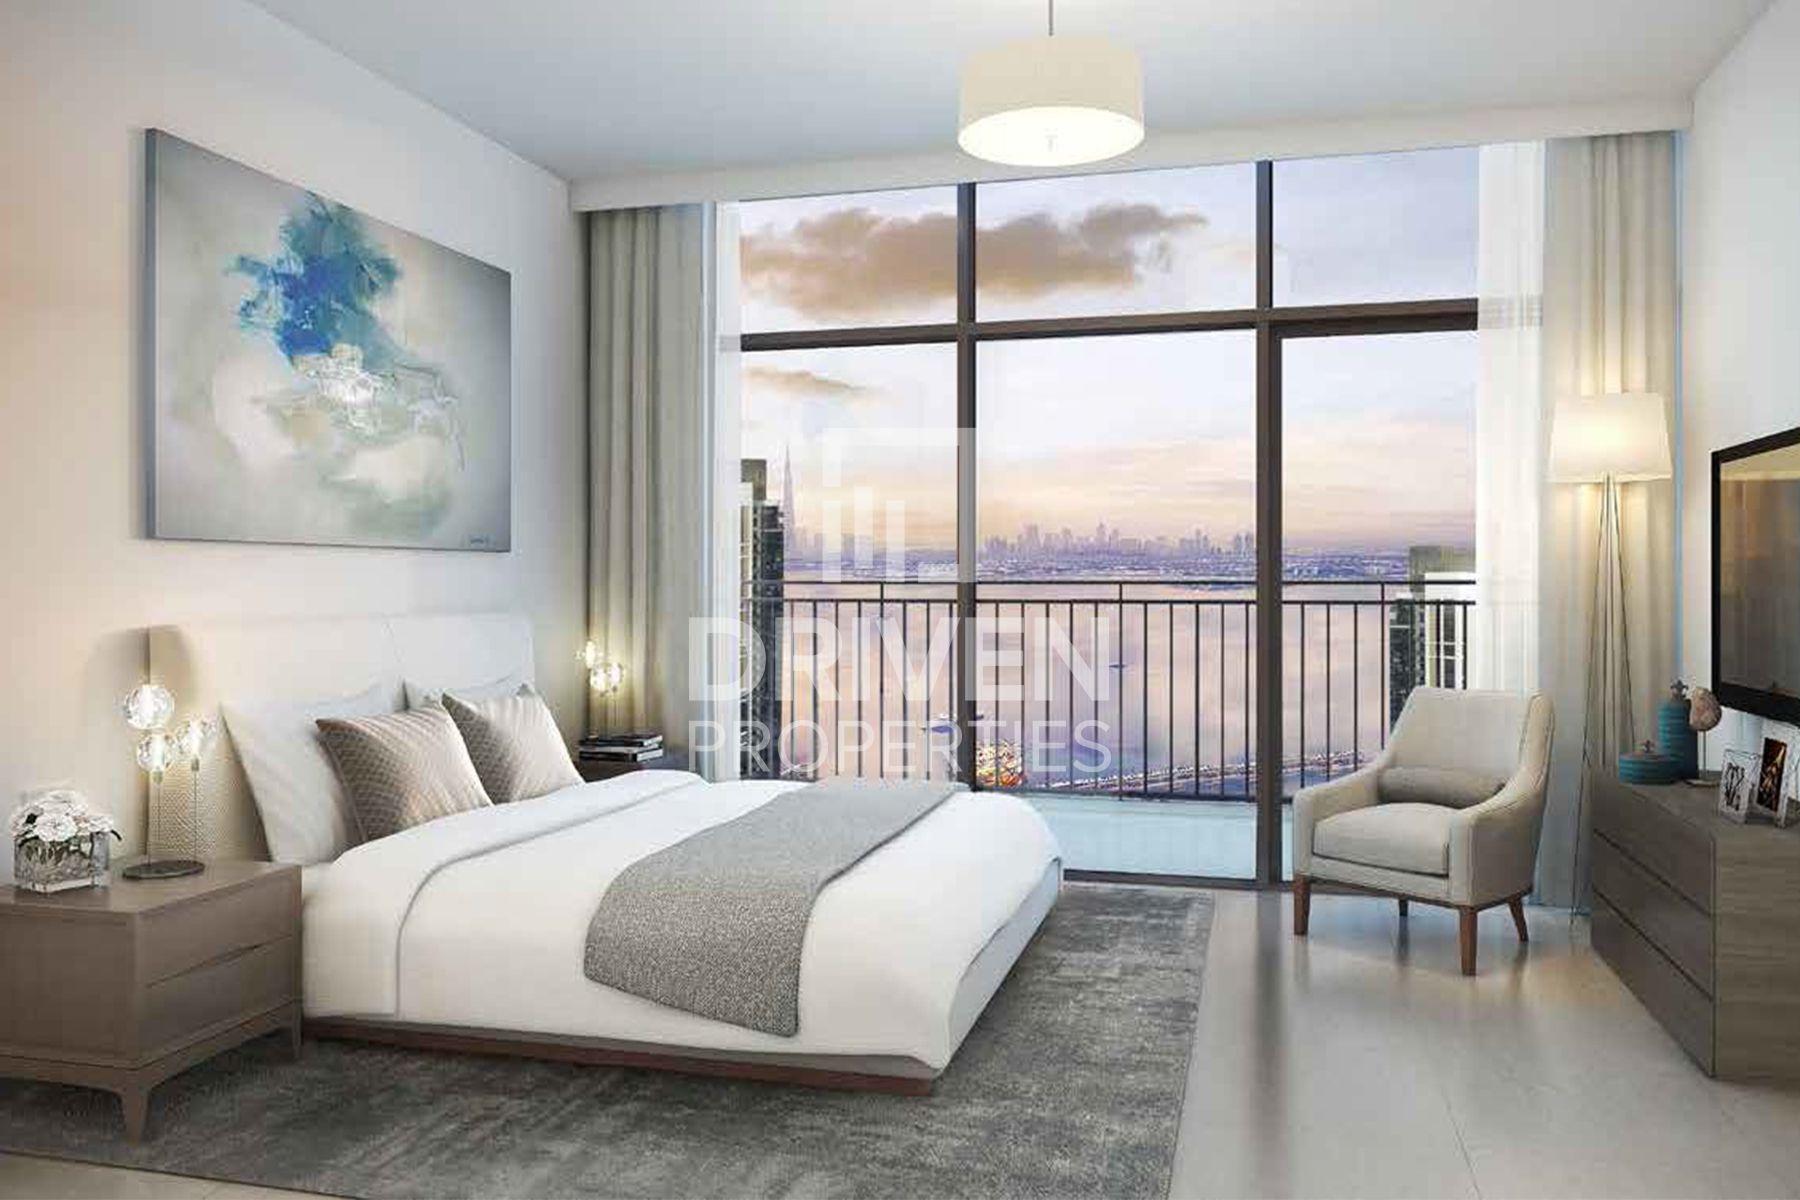 1,481 قدم مربع  شقة - للبيع - ميناء خور دبي